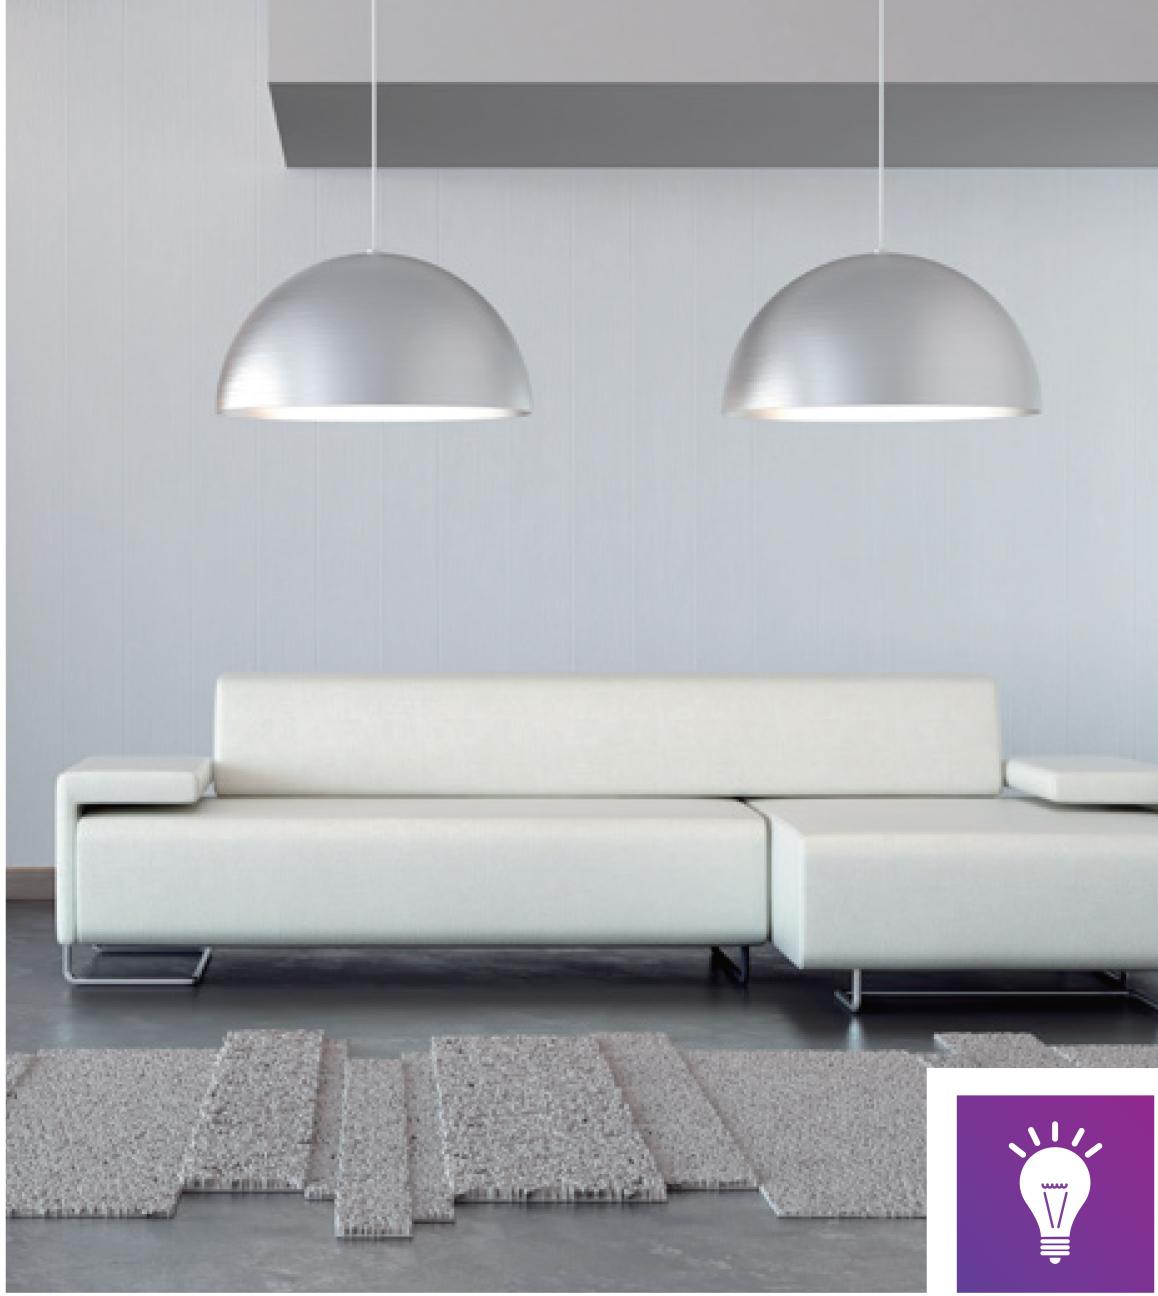 امکانات خانه هوشمند(روشنایی)